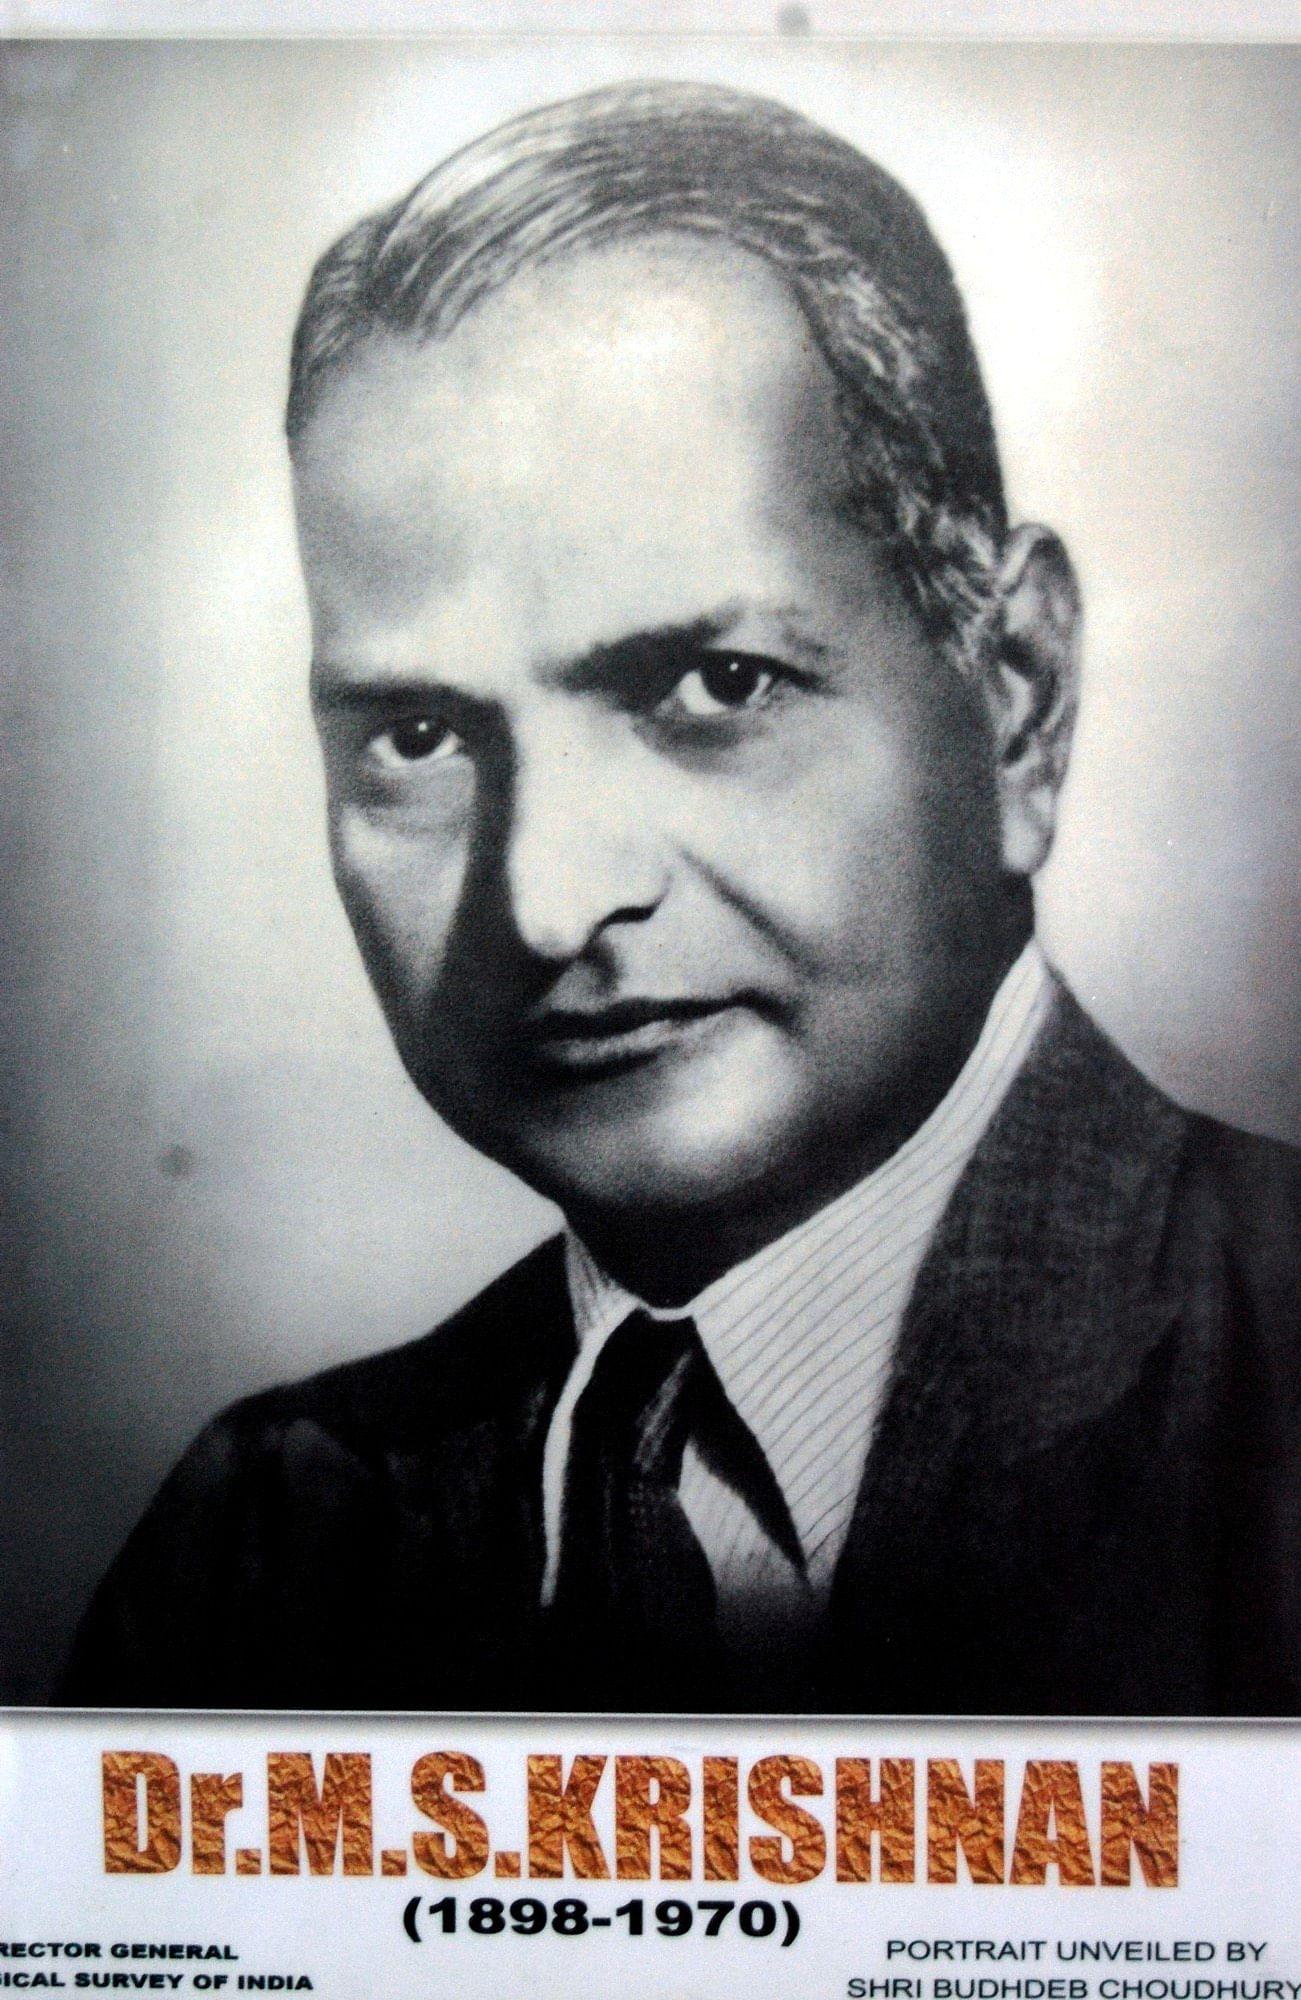 டாக்டர் எம்.எஸ்.கிருஷ்ணன்